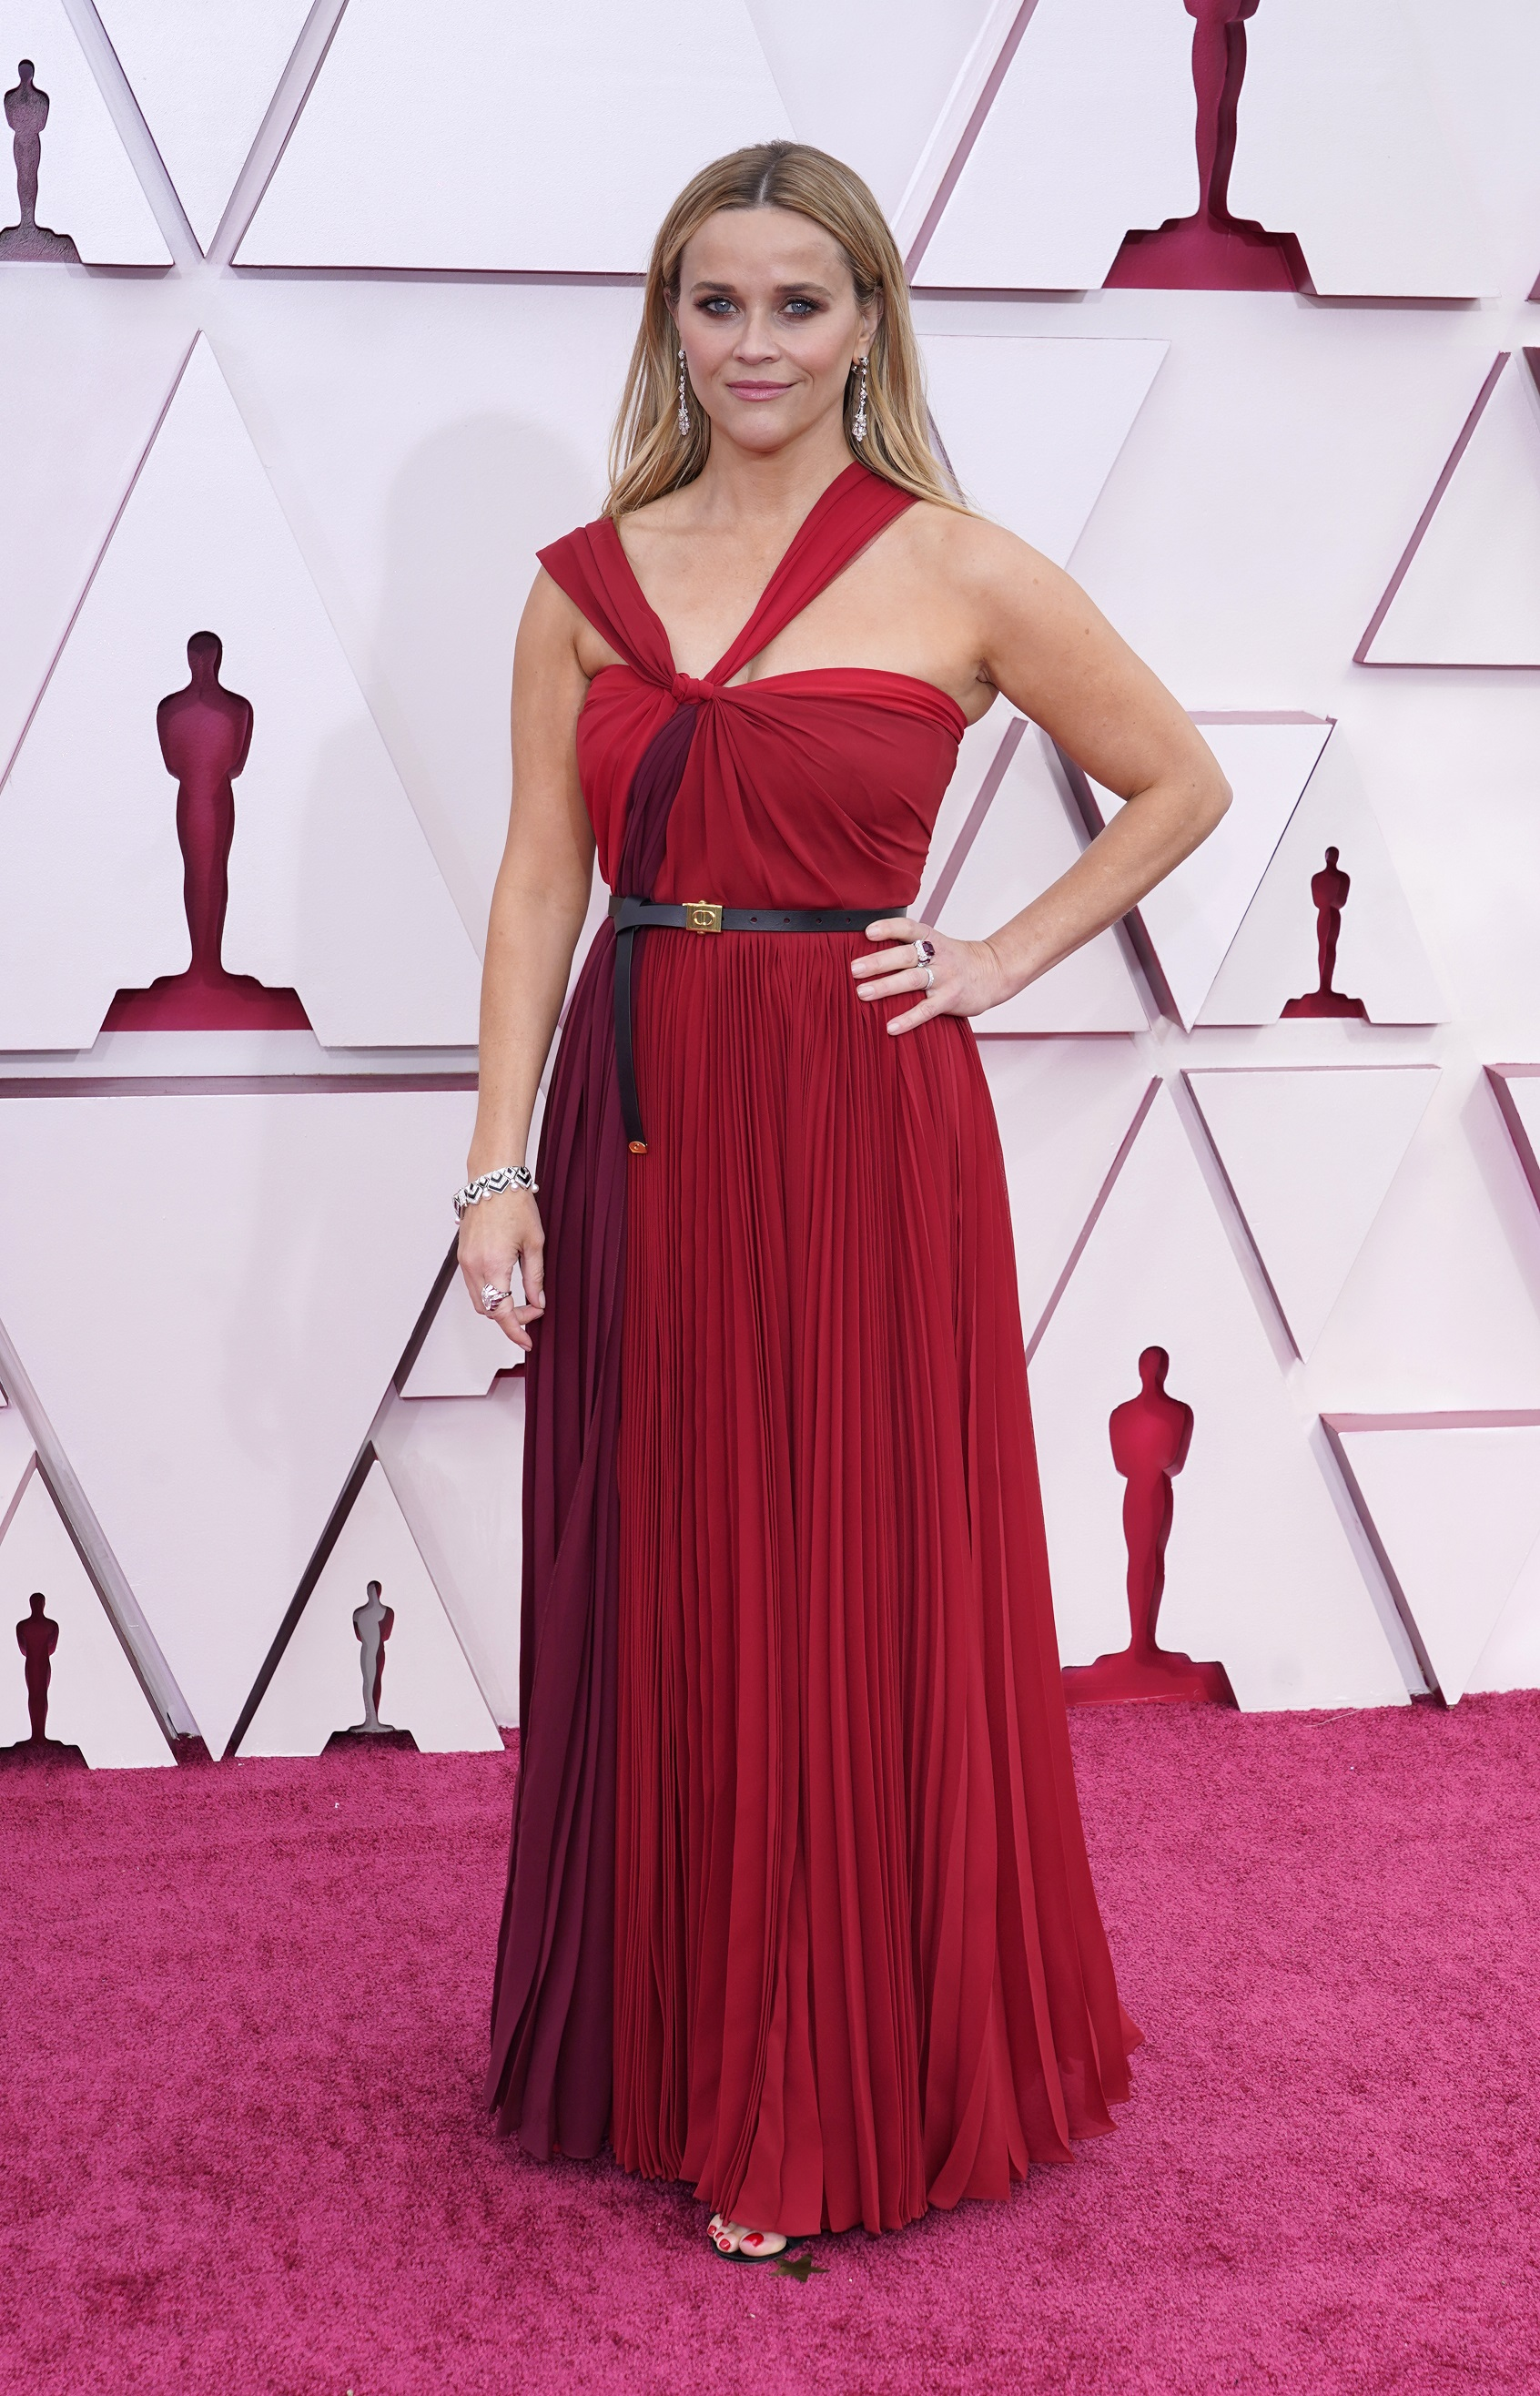 La actriz y productora Reese Witherspoon en Dior. (AP)